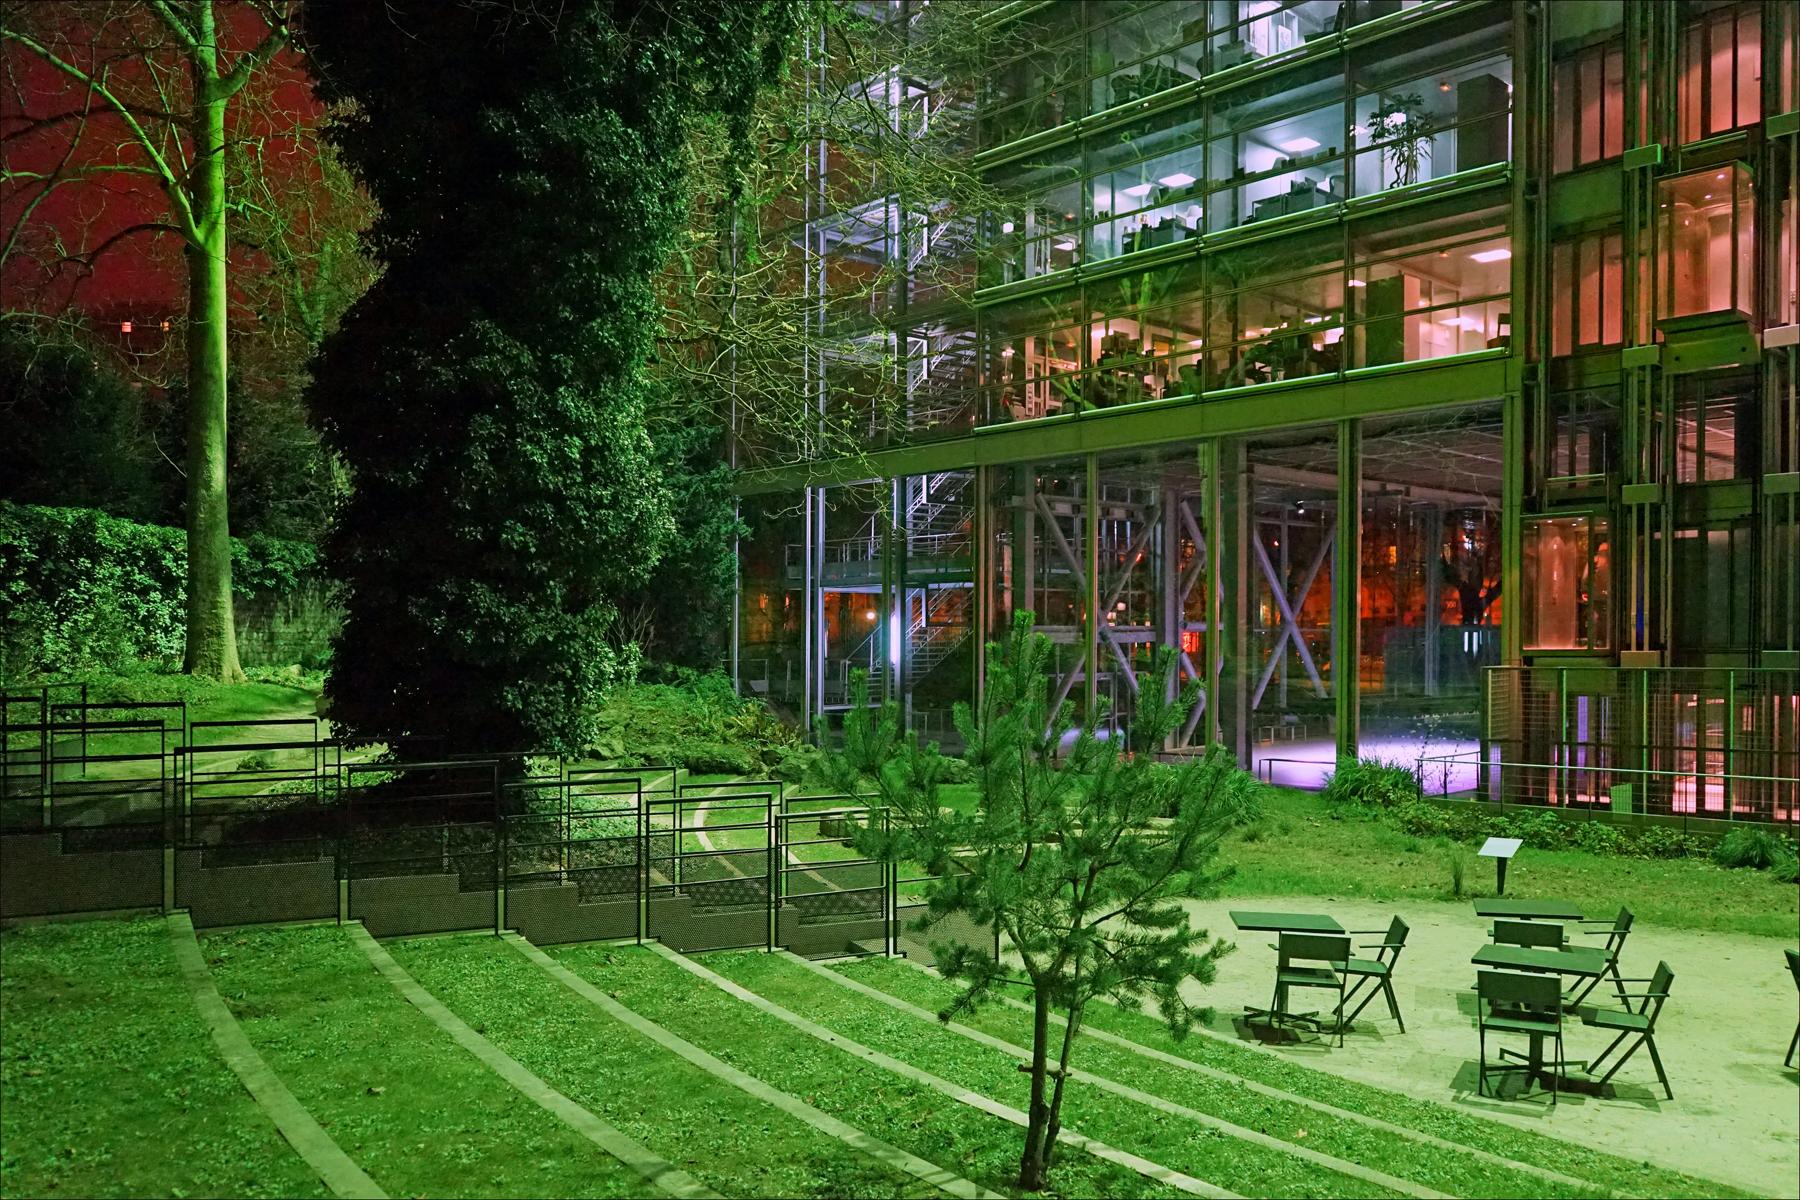 Plantes Pour Jardin Contemporain file:la fondation cartier pour l'art contemporain